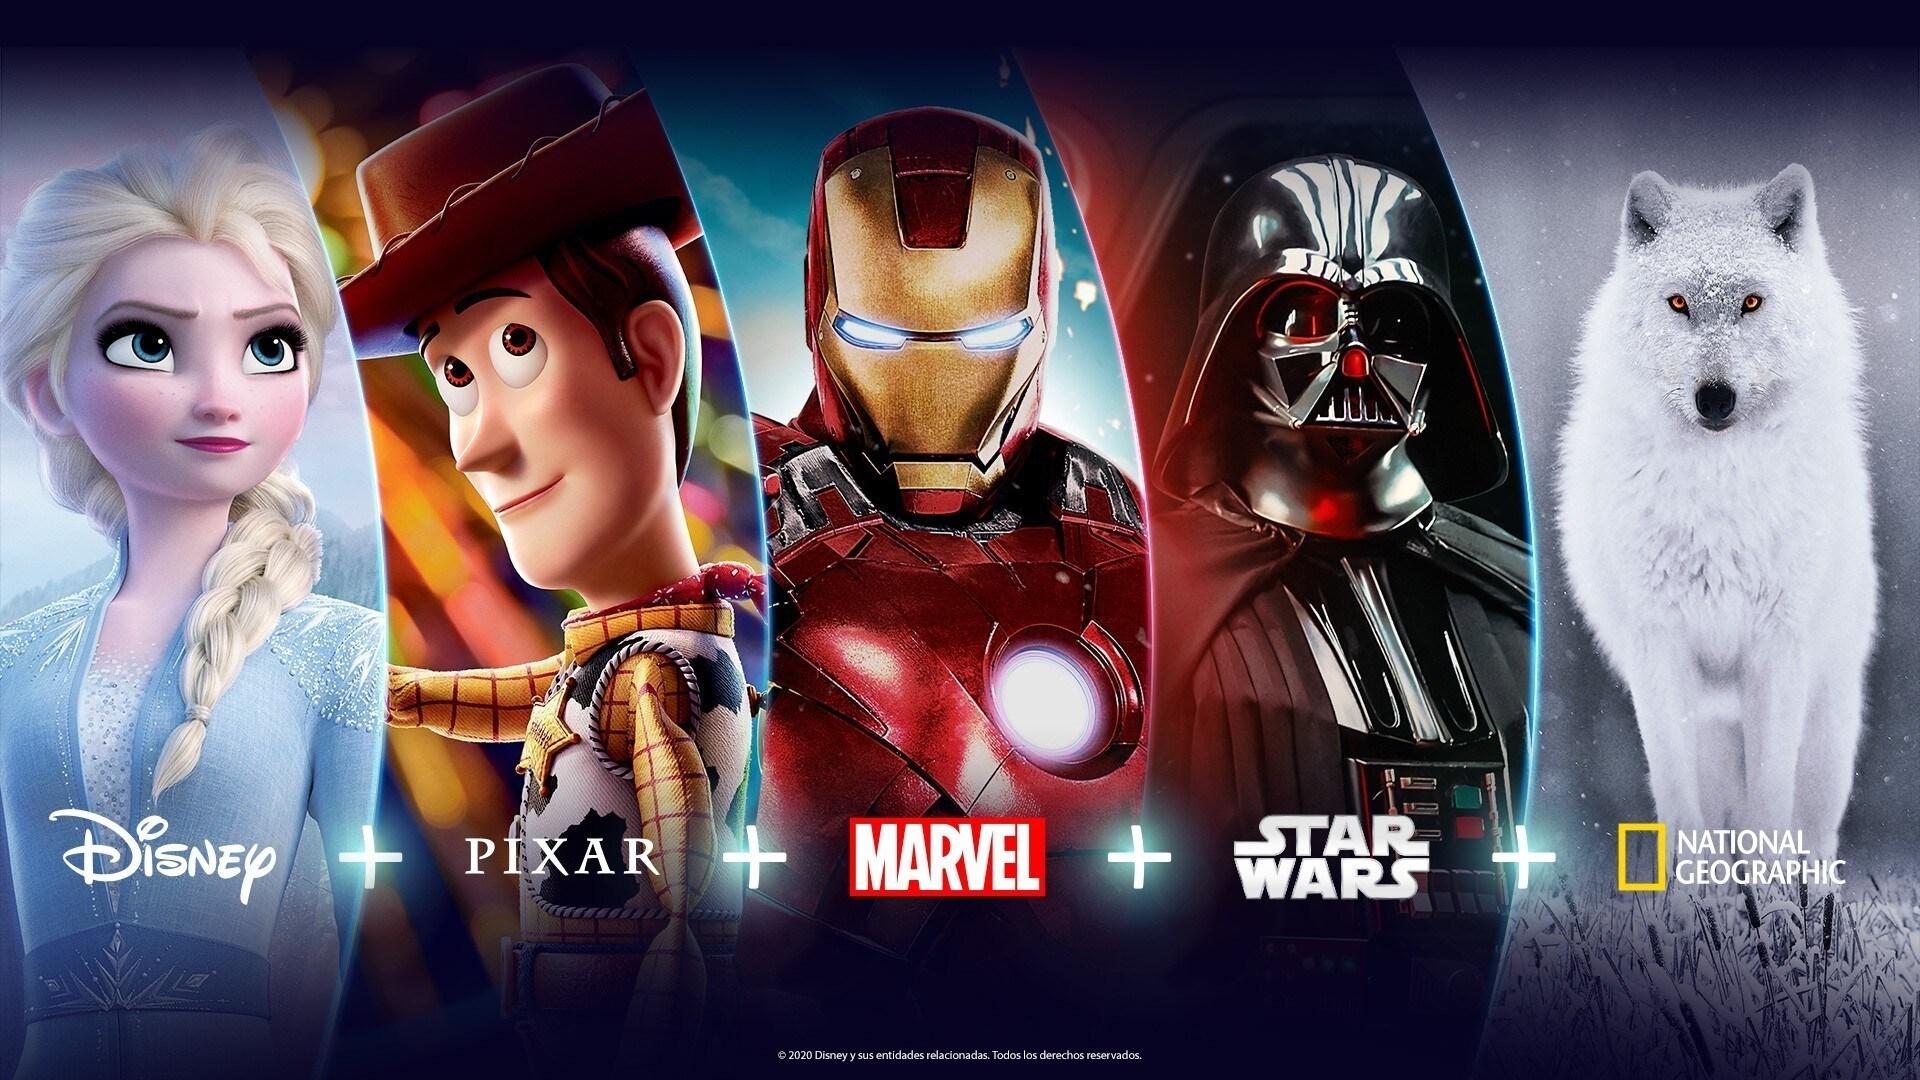 En noviembre llega Disney+ a Latinoamérica